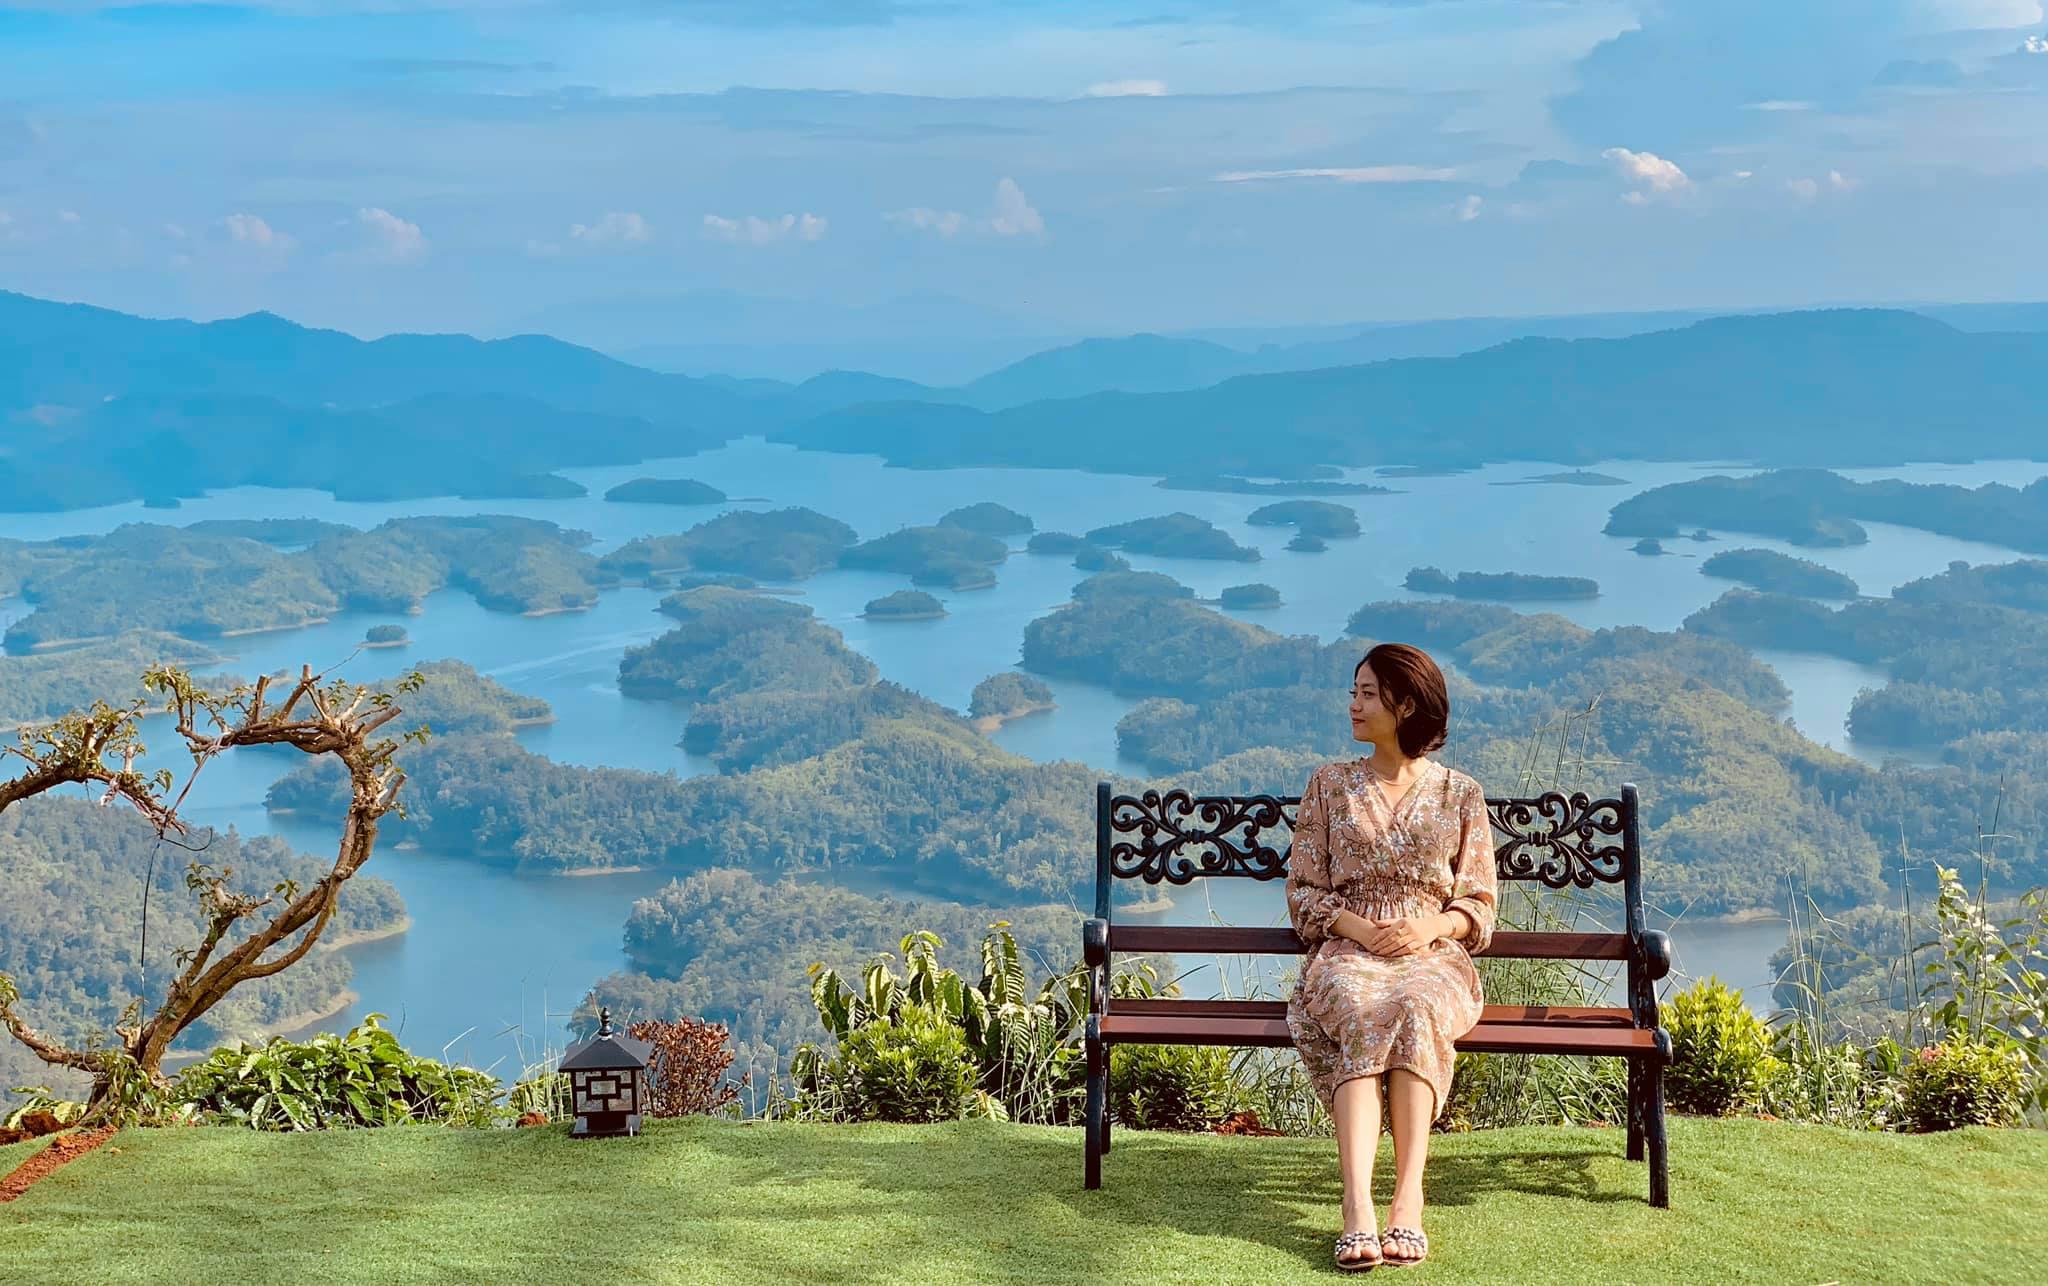 Kinh nghiệm du lịch tự túc Tà Đùng mới nhất 2020 | AP TRAVEL